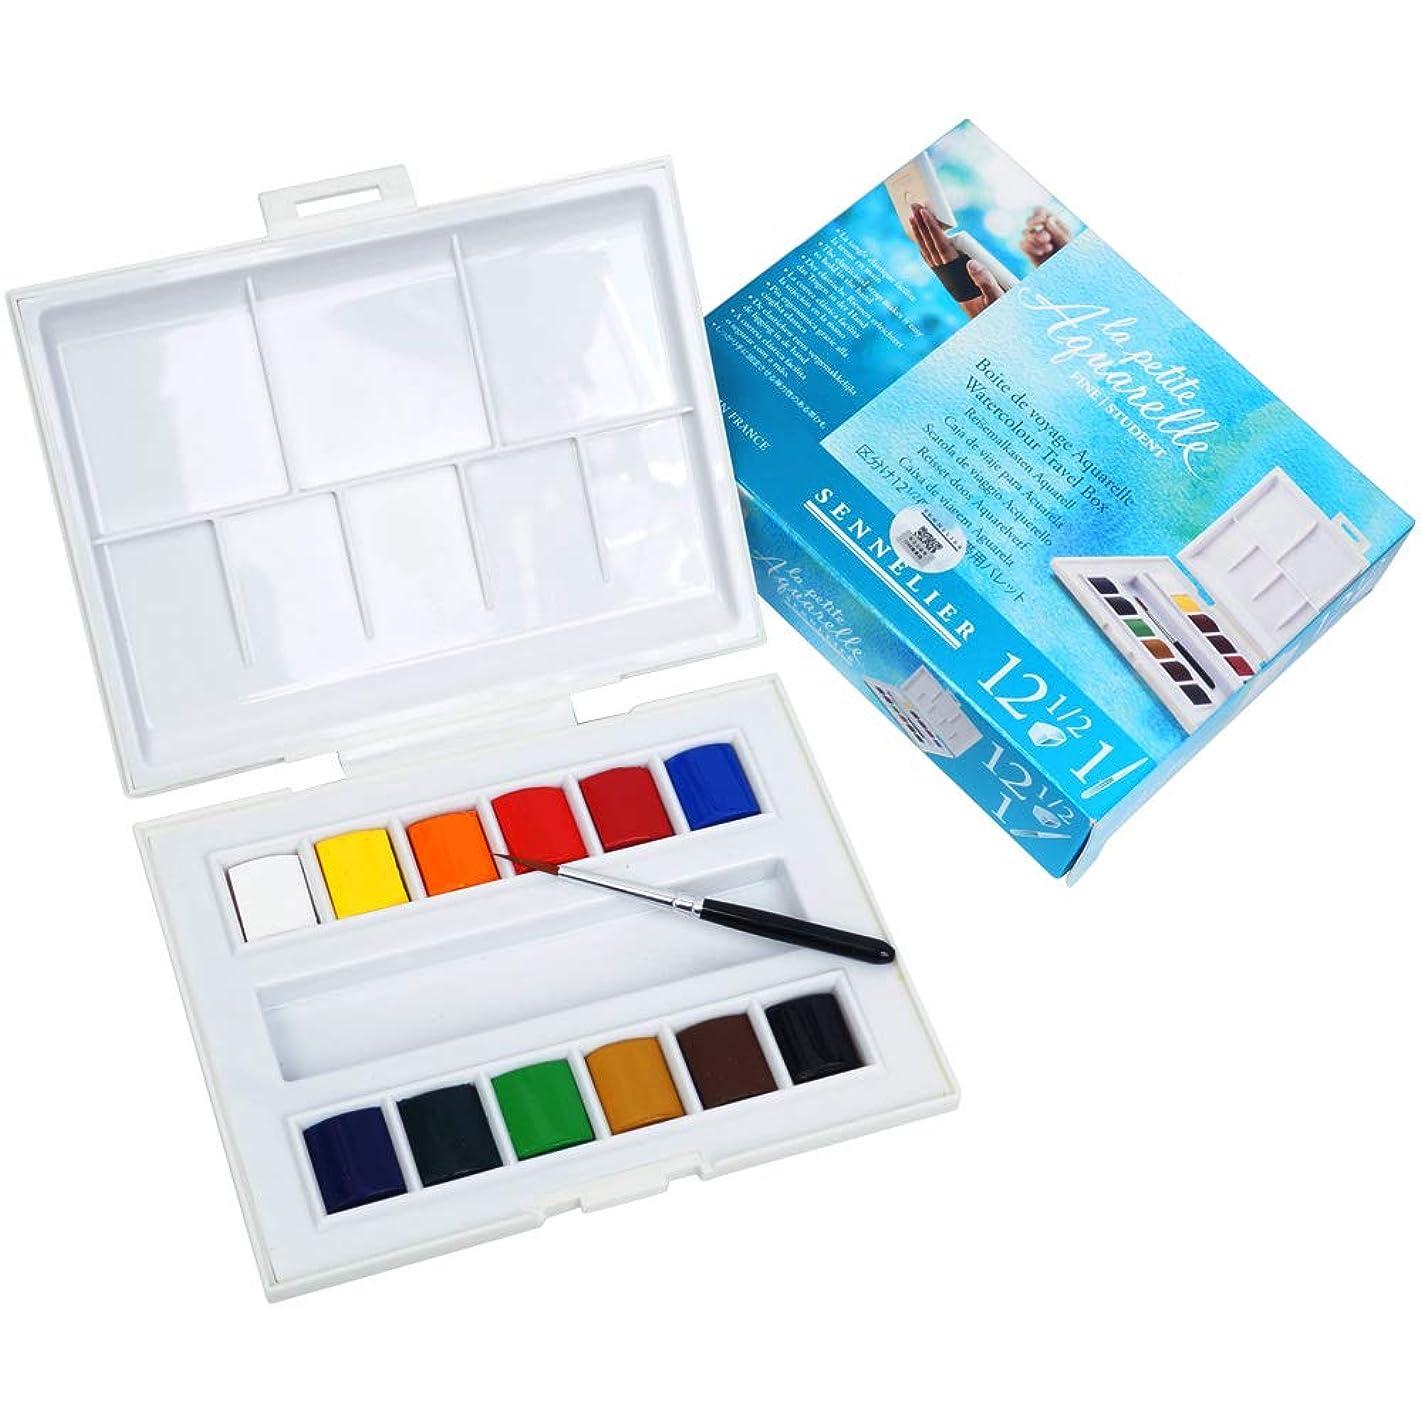 Sennelier La Petite Aquarelle Watercolor Paint Set - 12 Half Pan Plastic Tray With Elastic Hand Strap - Student Grade Watercolor Paint Set - [12 Half Pans]